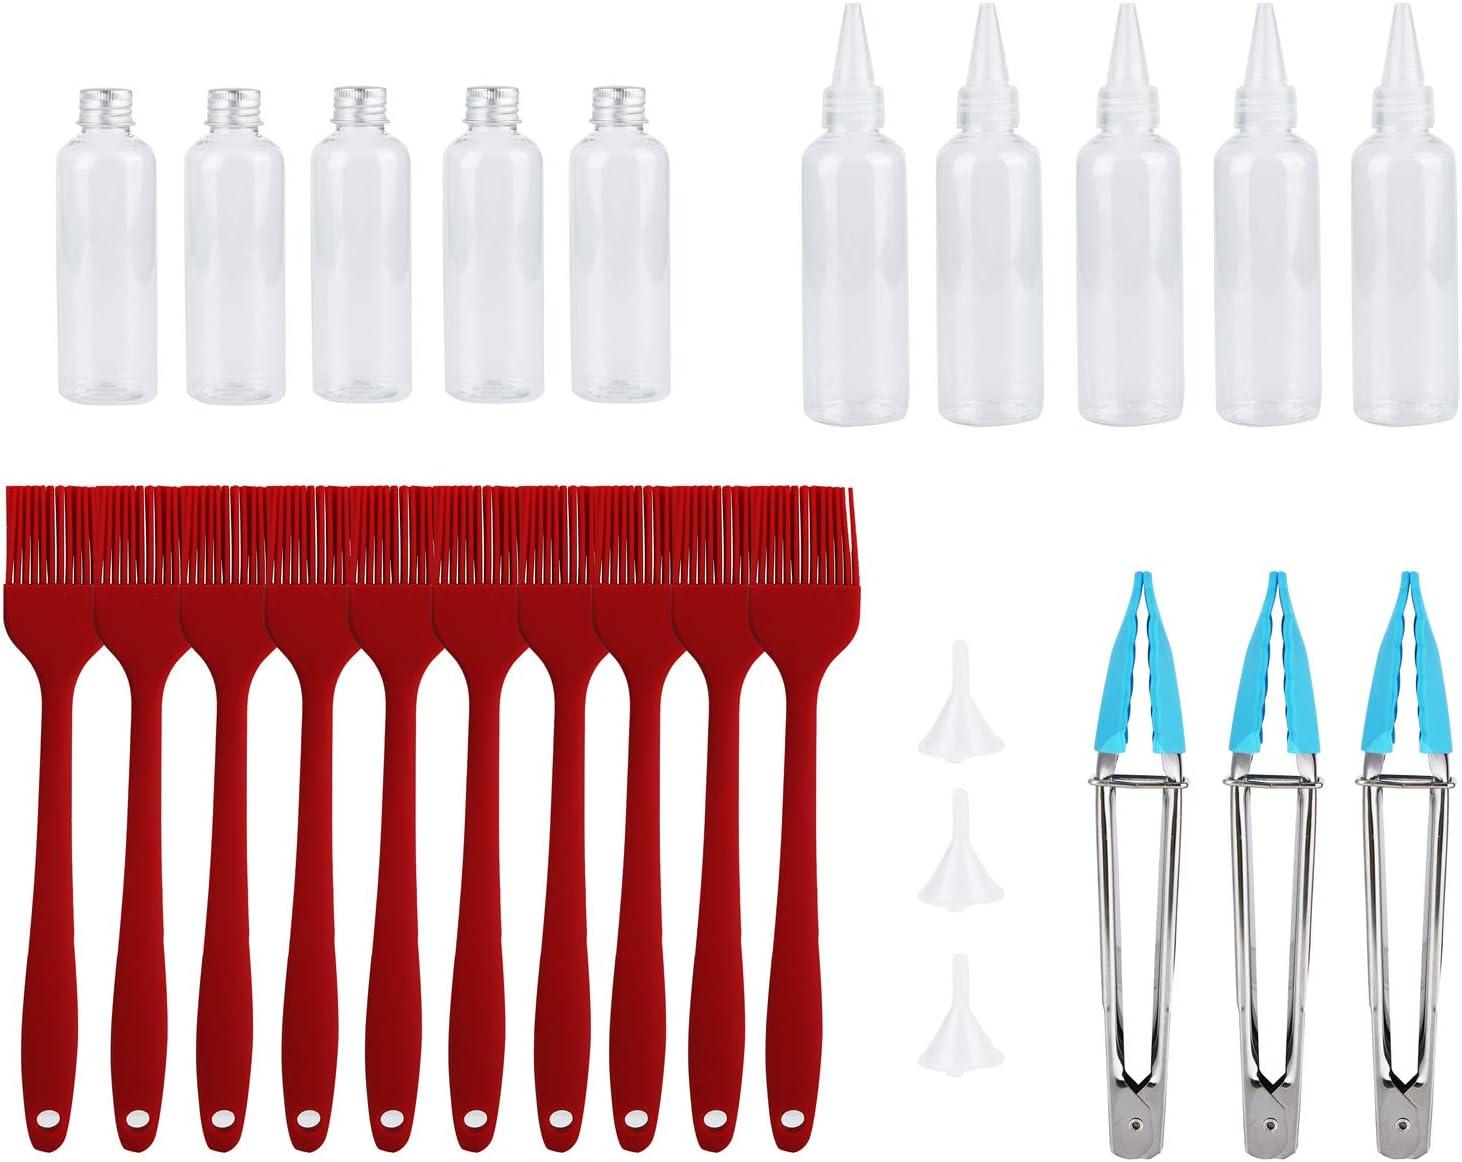 Pelnotac 26Pcs Grill Accessories Tools Brush Alumin Oil Set Max Elegant 42% OFF Clip